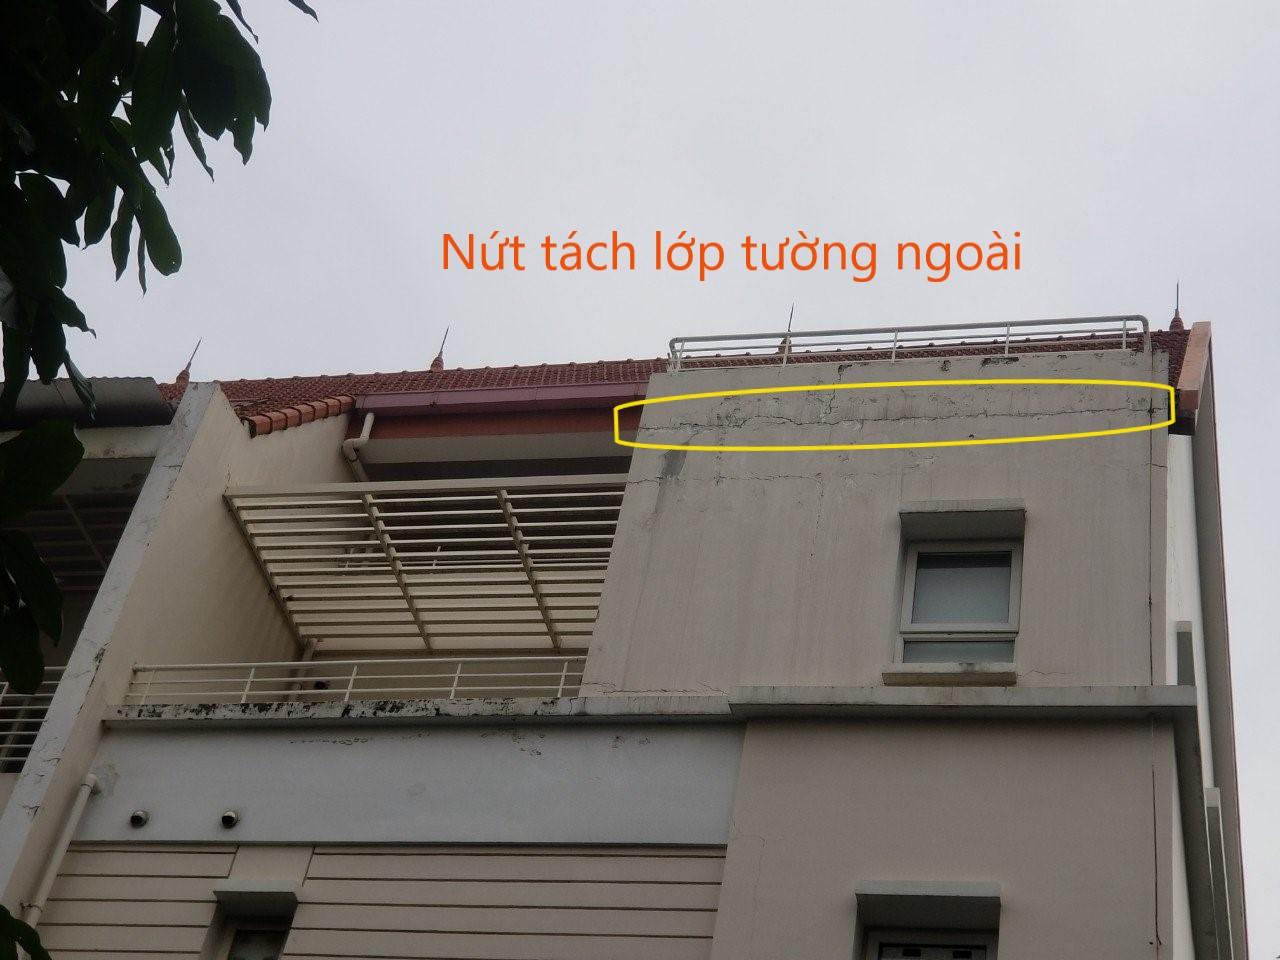 Nứt tường ngoài sau 1 thời gian sử dụng